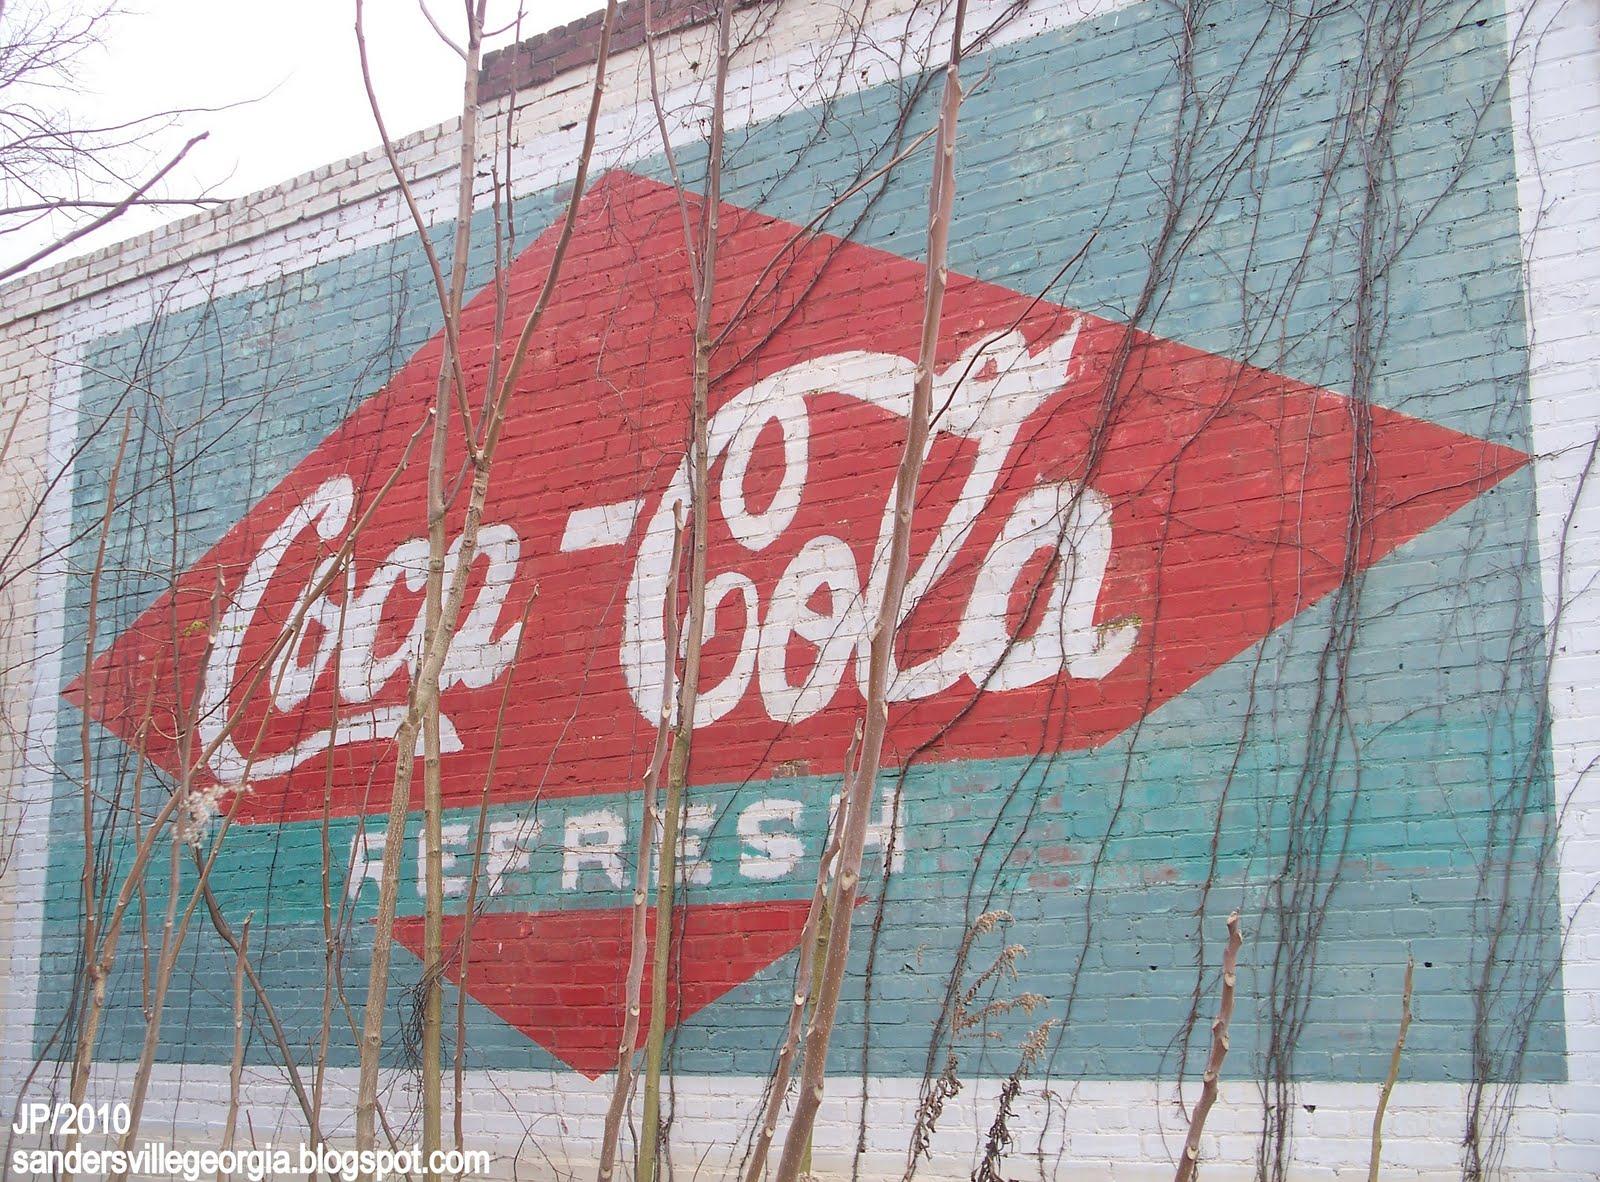 http://4.bp.blogspot.com/_OLc2TjnHOgQ/TGruUnfhcmI/AAAAAAABkYM/czwyn2iVy_8/s1600/COCA-COLA,+Tennile+Georgia+Coca-Cola+soda+wall+sign,Tennille+Washington+County+GA...JPG